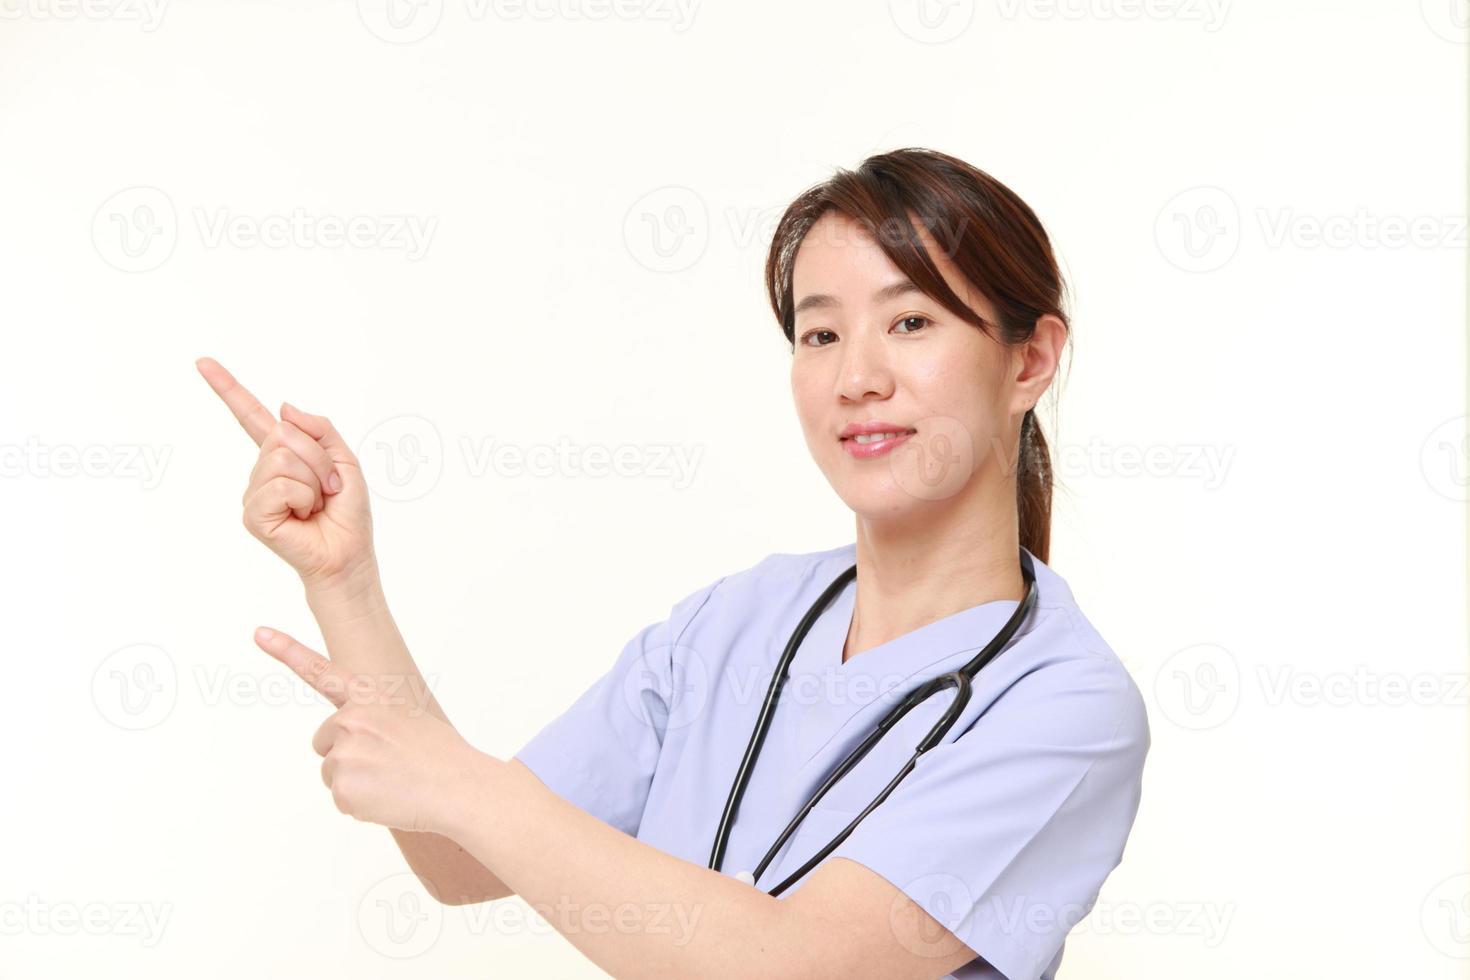 médico feminino japonês, apresentando e mostrando algo foto